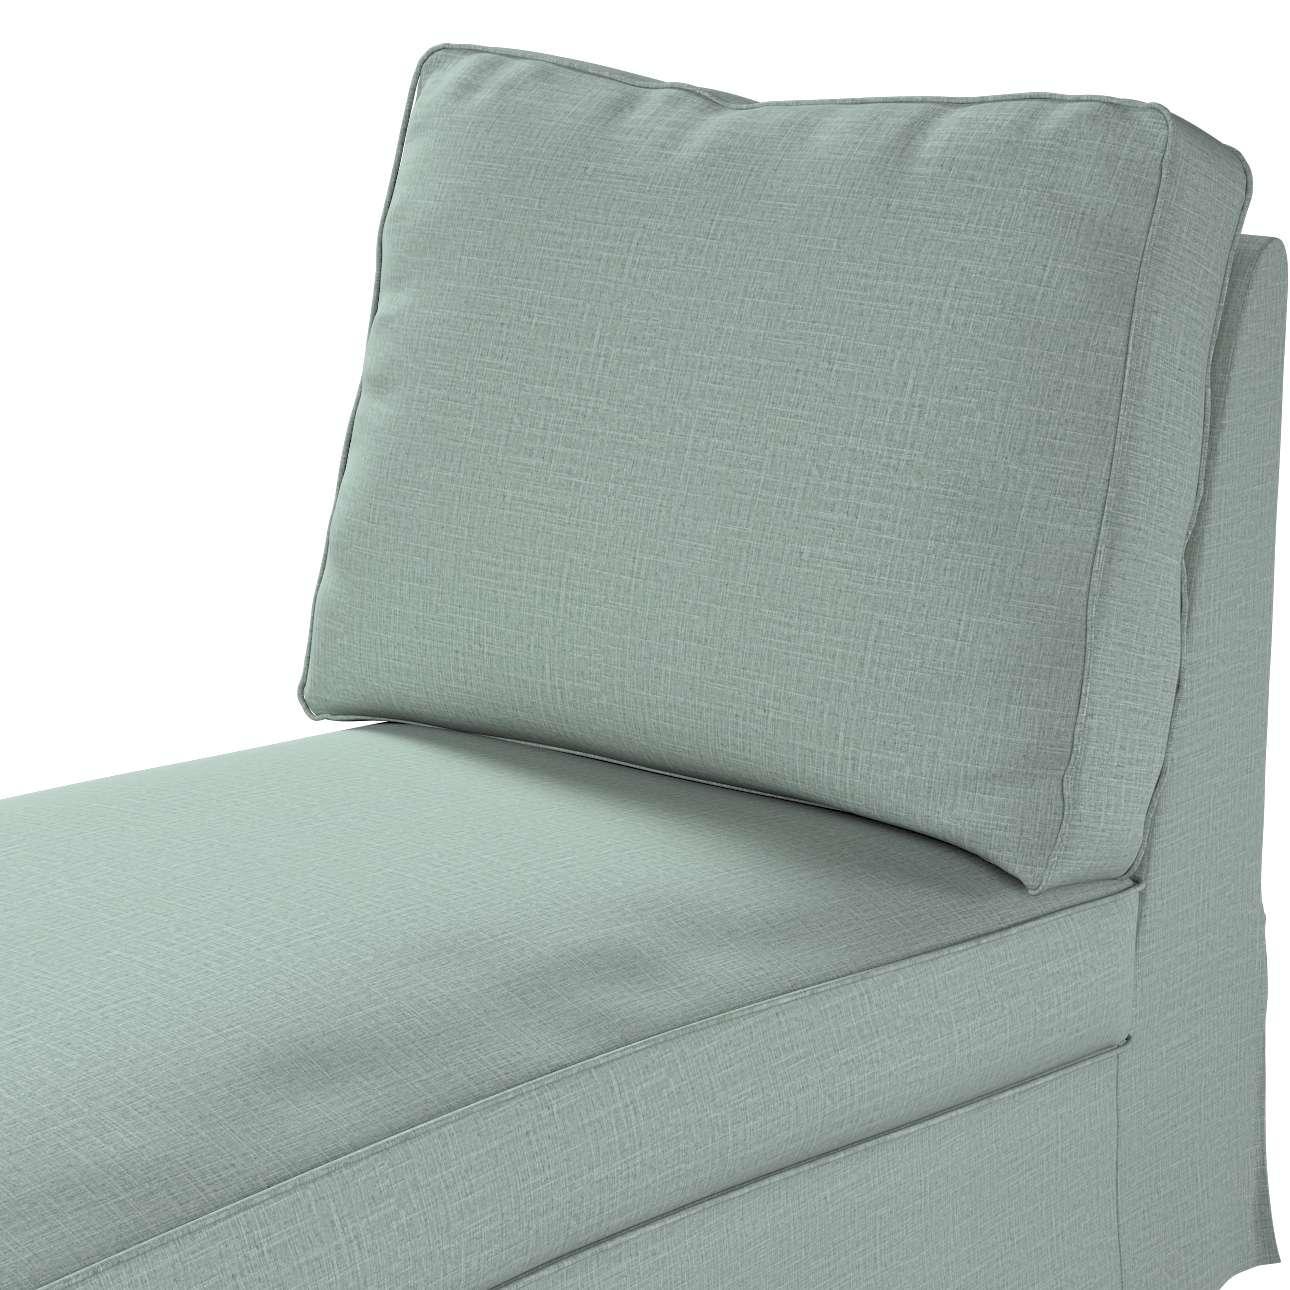 Pokrowiec na szezlong/ leżankę Ektorp wolnostojący prosty tył w kolekcji Living II, tkanina: 160-86